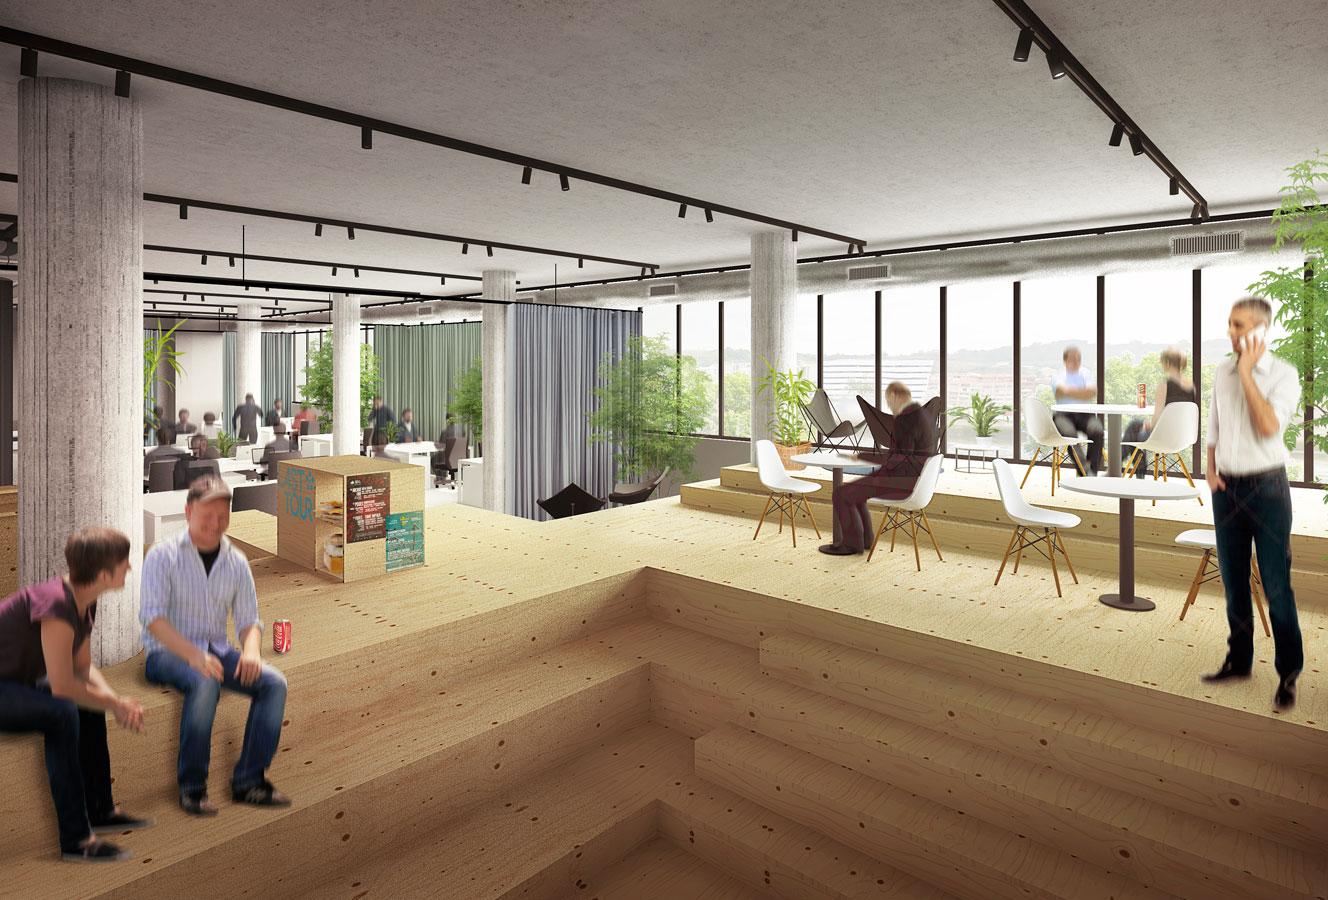 Dise o de oficinas en un edificio industrial garmendia for Diseno oficinas industriales